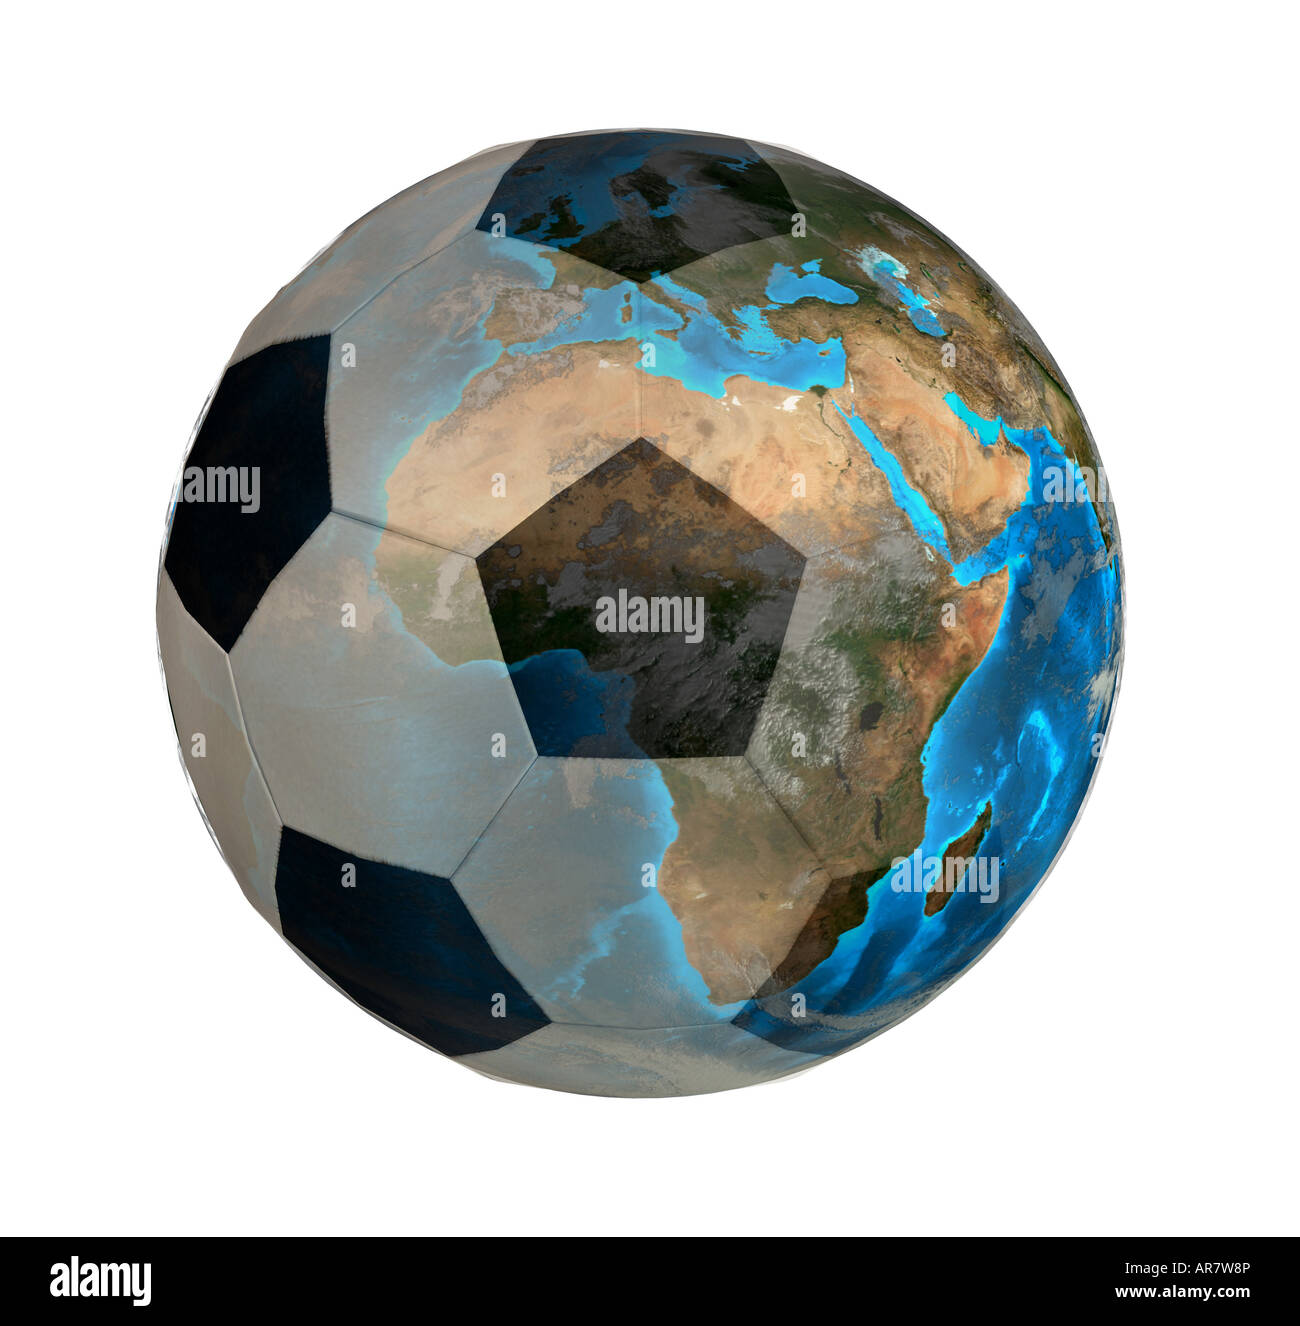 worldwide soccer symbolic image Stock Photo